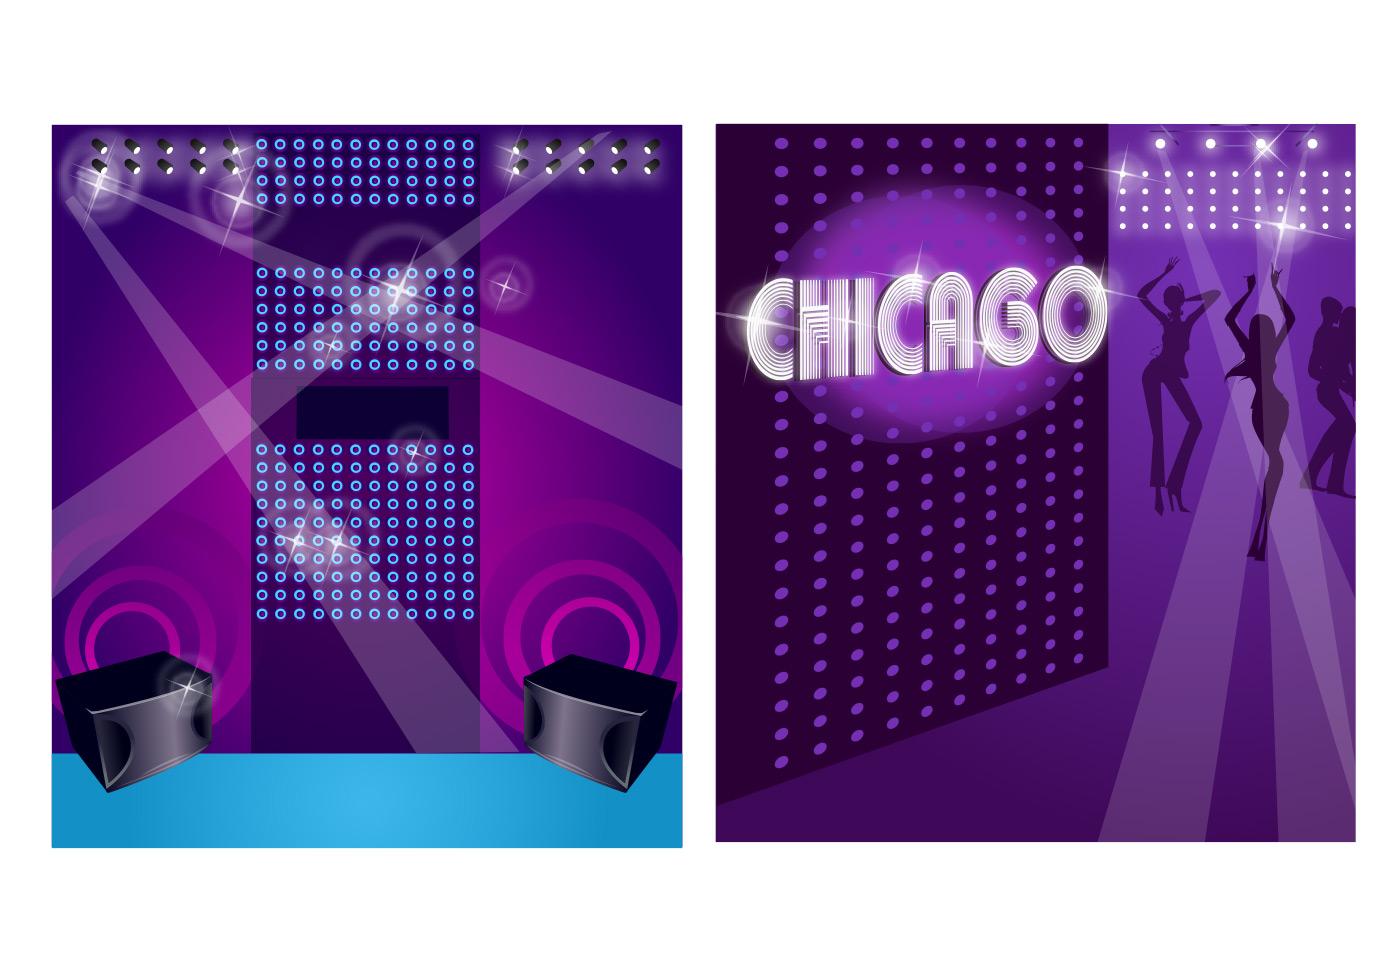 Chicago disco vector papel tapiz - Descargue Gráficos y Vectores Gratis